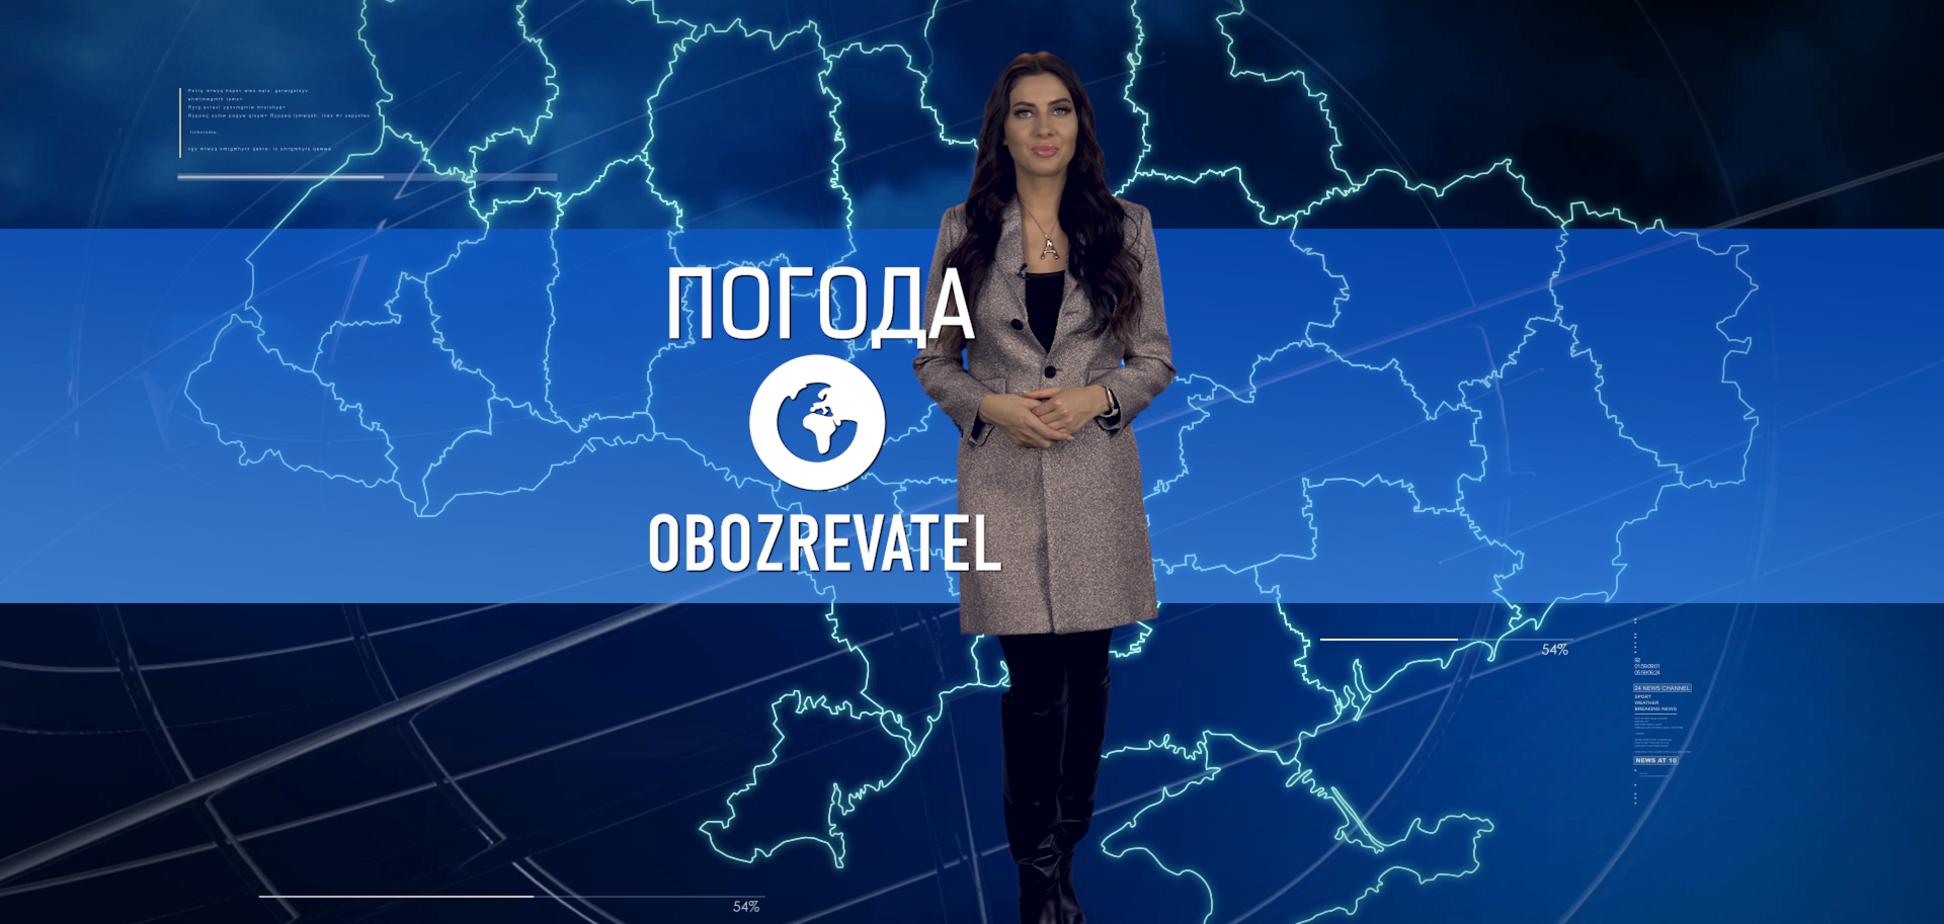 Прогноз погоди в Україні на четвер 11 березня з Алісою Мярковською